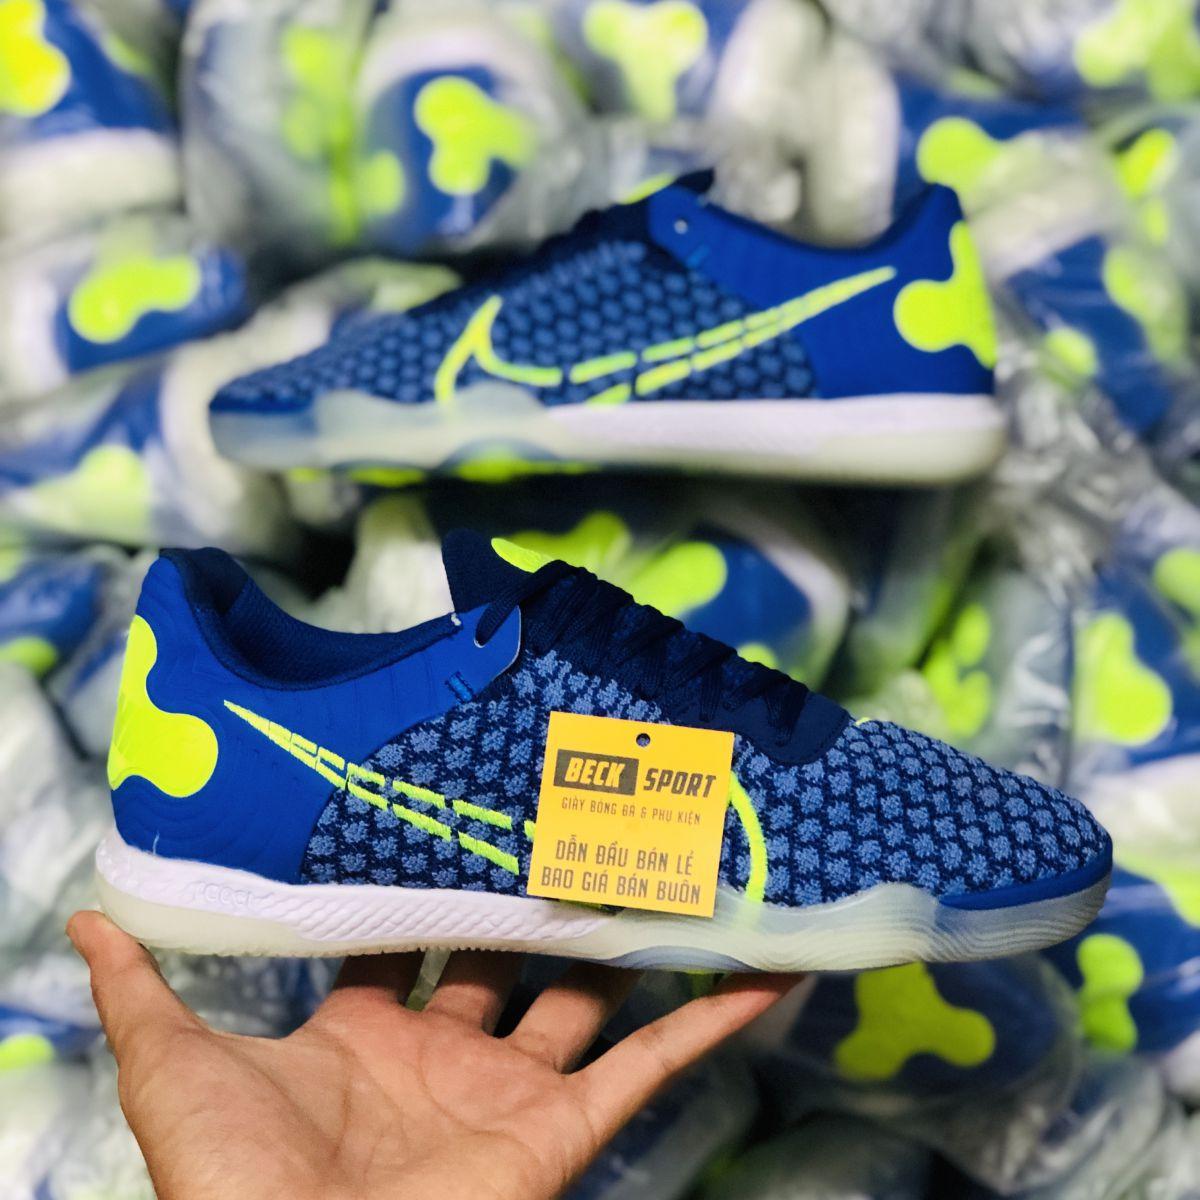 Giày Bóng Đá Nike React Gato Skycourt Xanh Biển Vạch Chuối IC